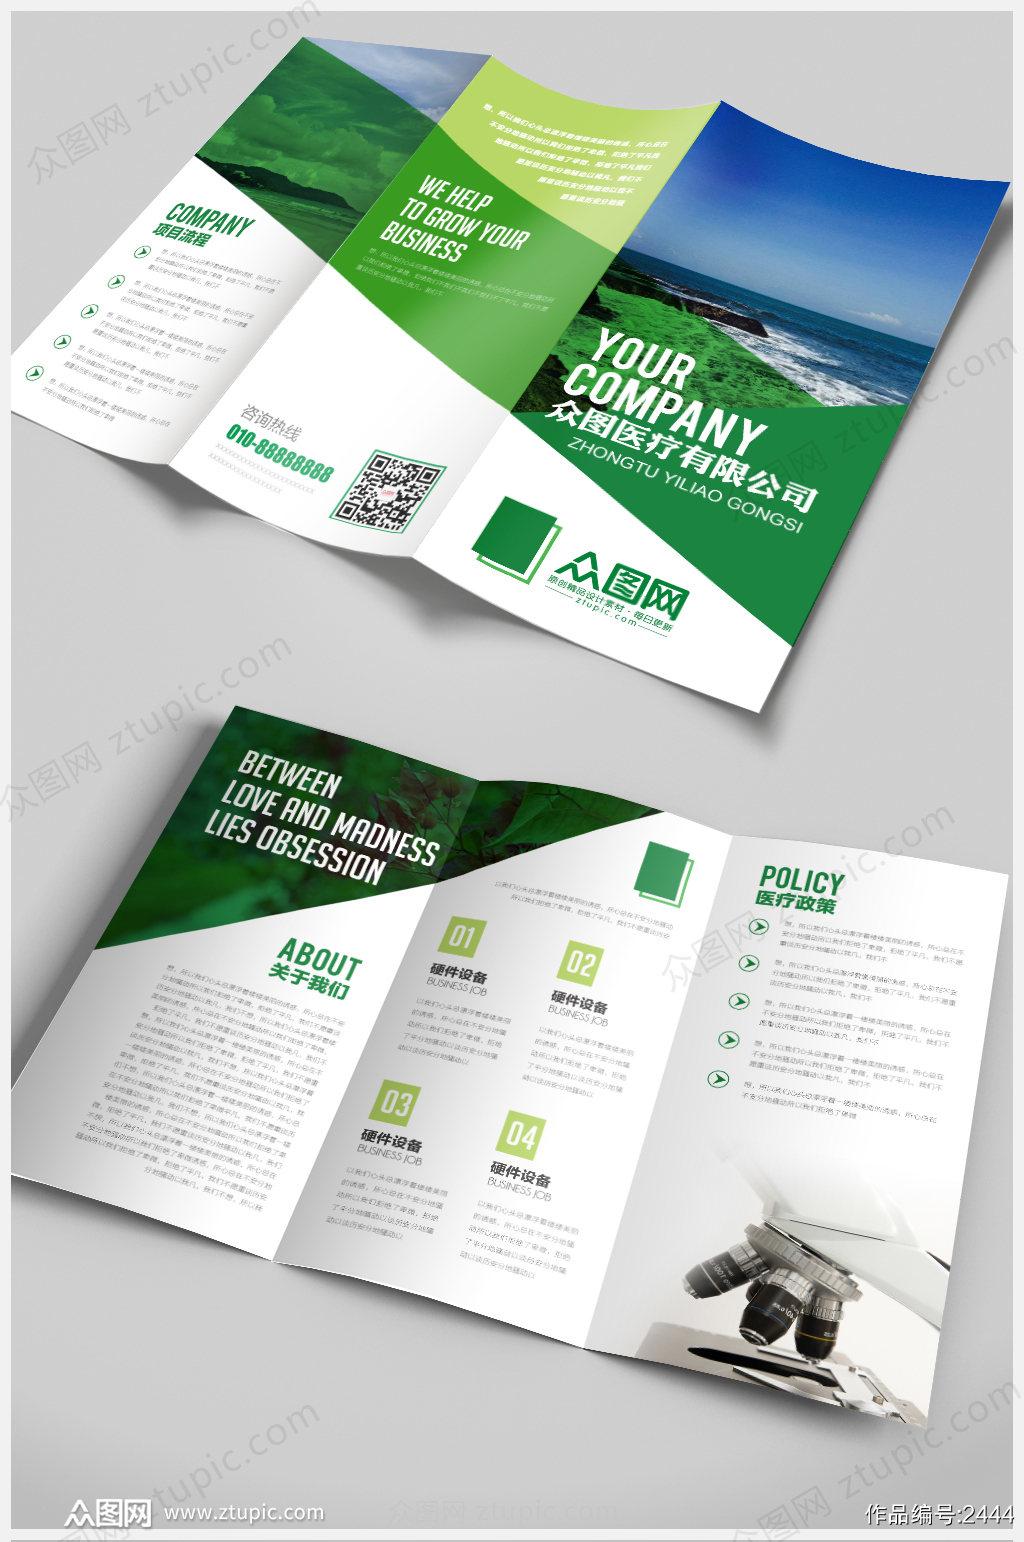 绿色时尚医疗宣传三折页素材